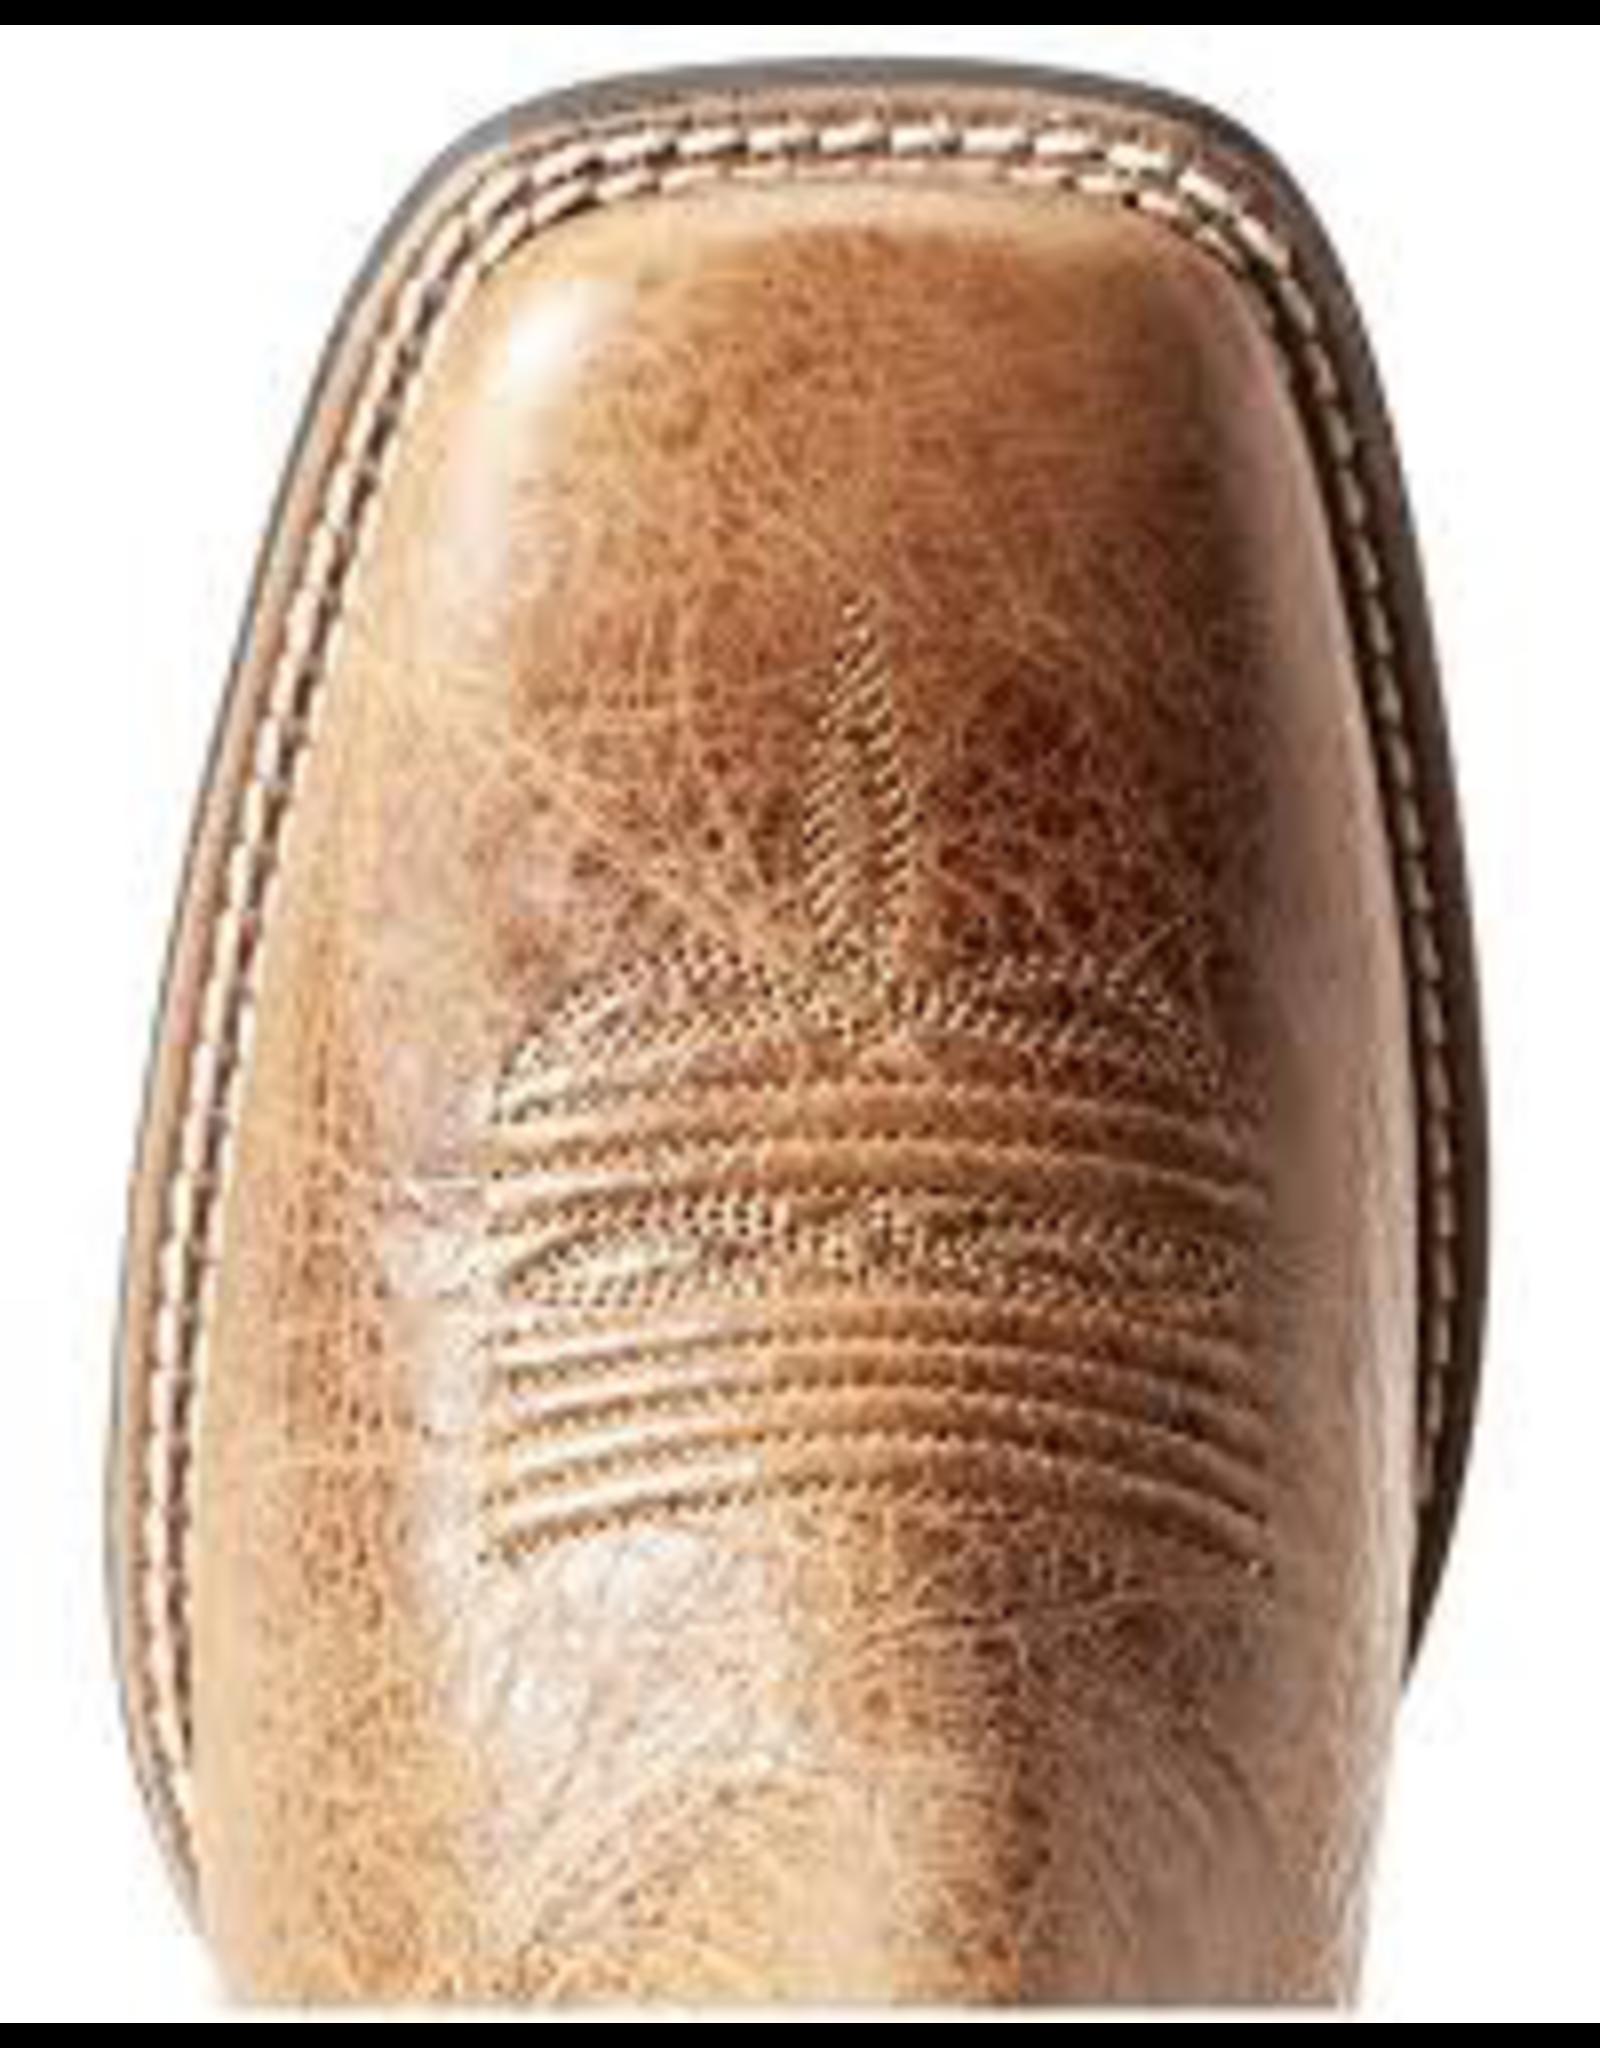 Boots-Women Ariat 10029648 Breakout